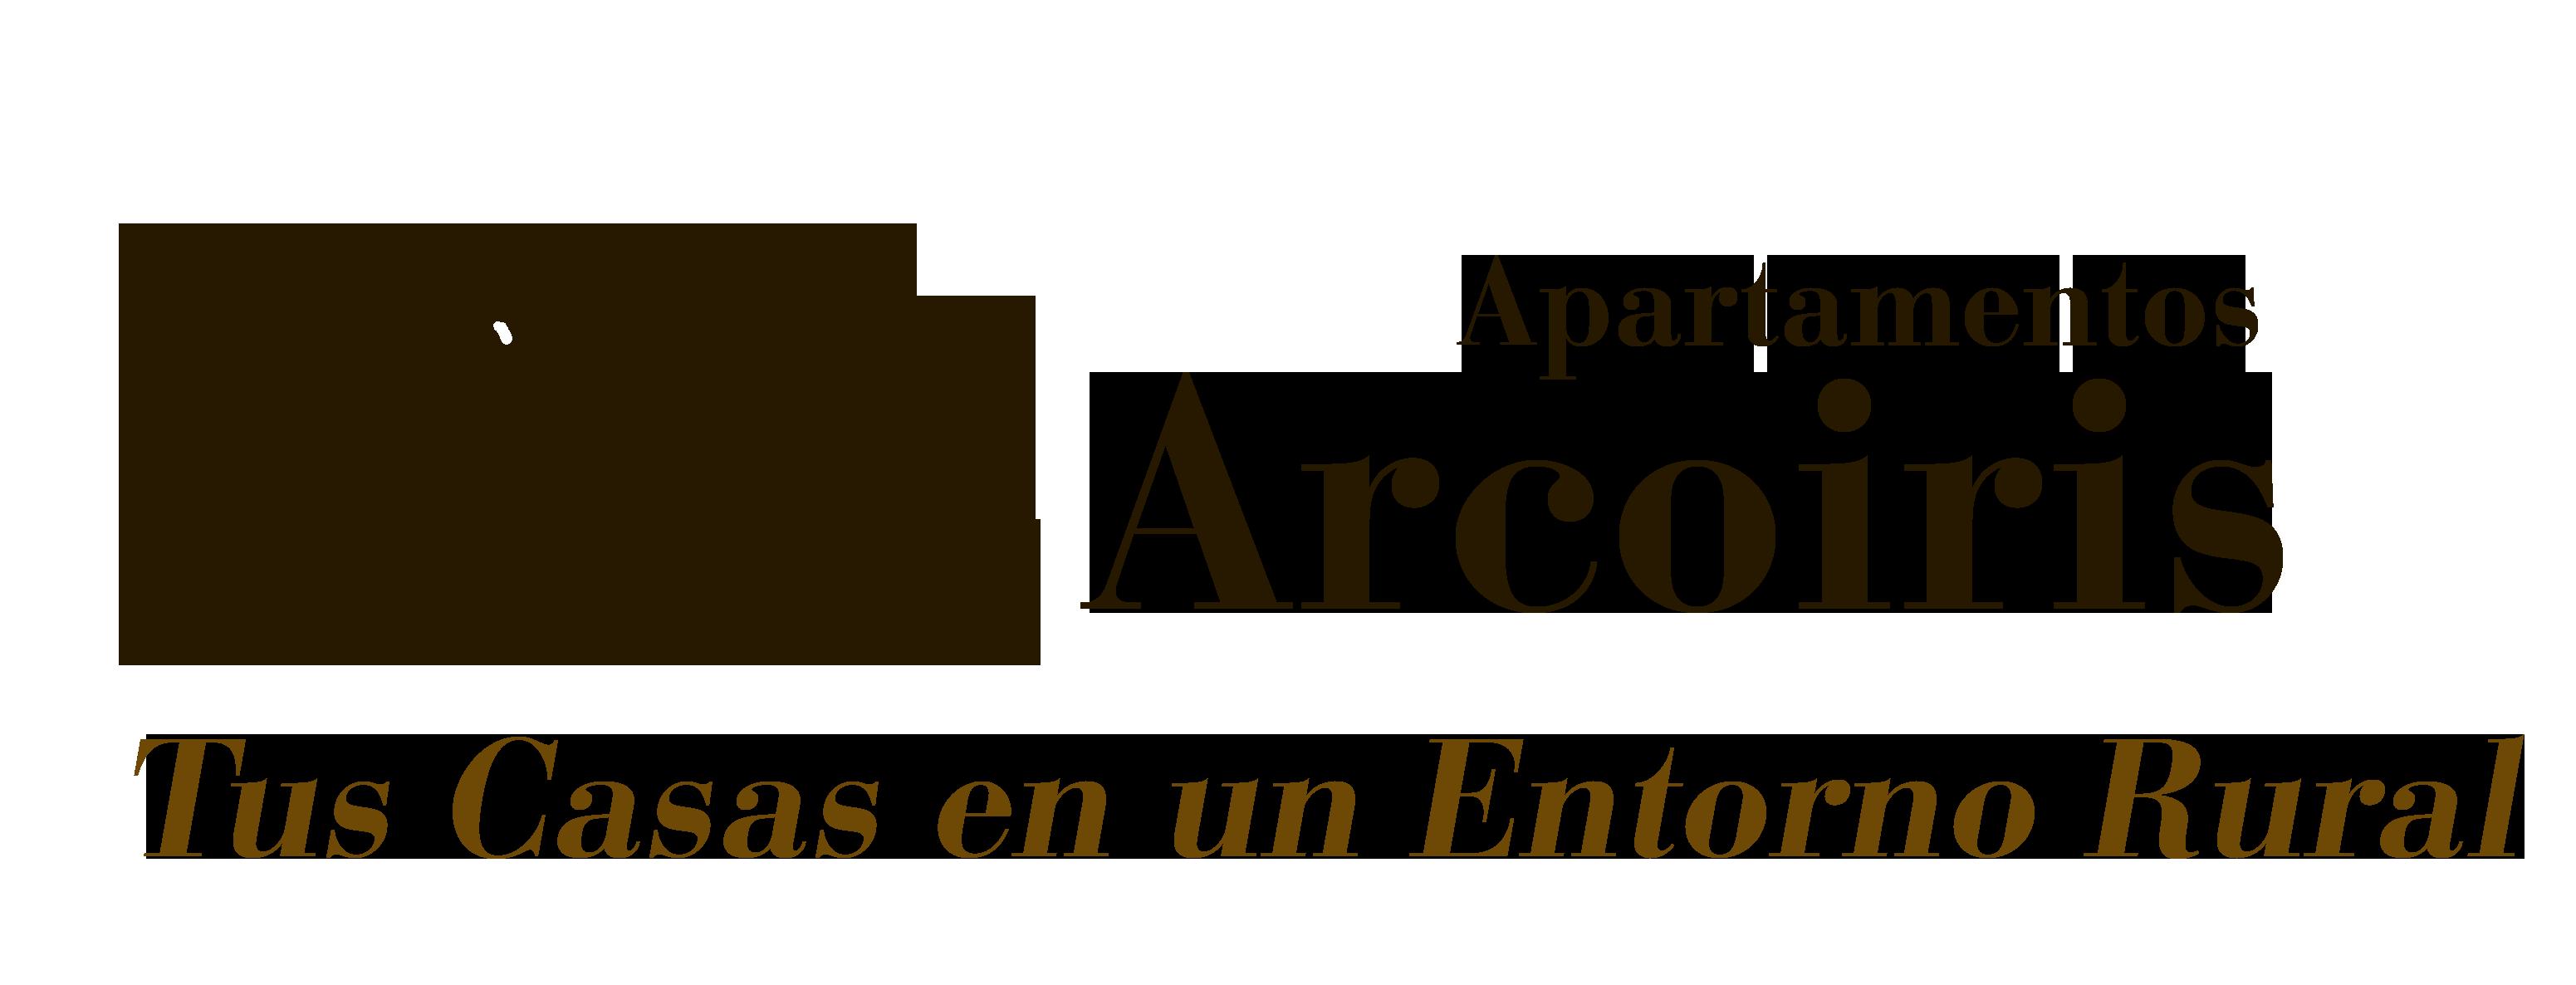 LOGO 2_pngAPARTAMENTOS_ARCOIRIS_300